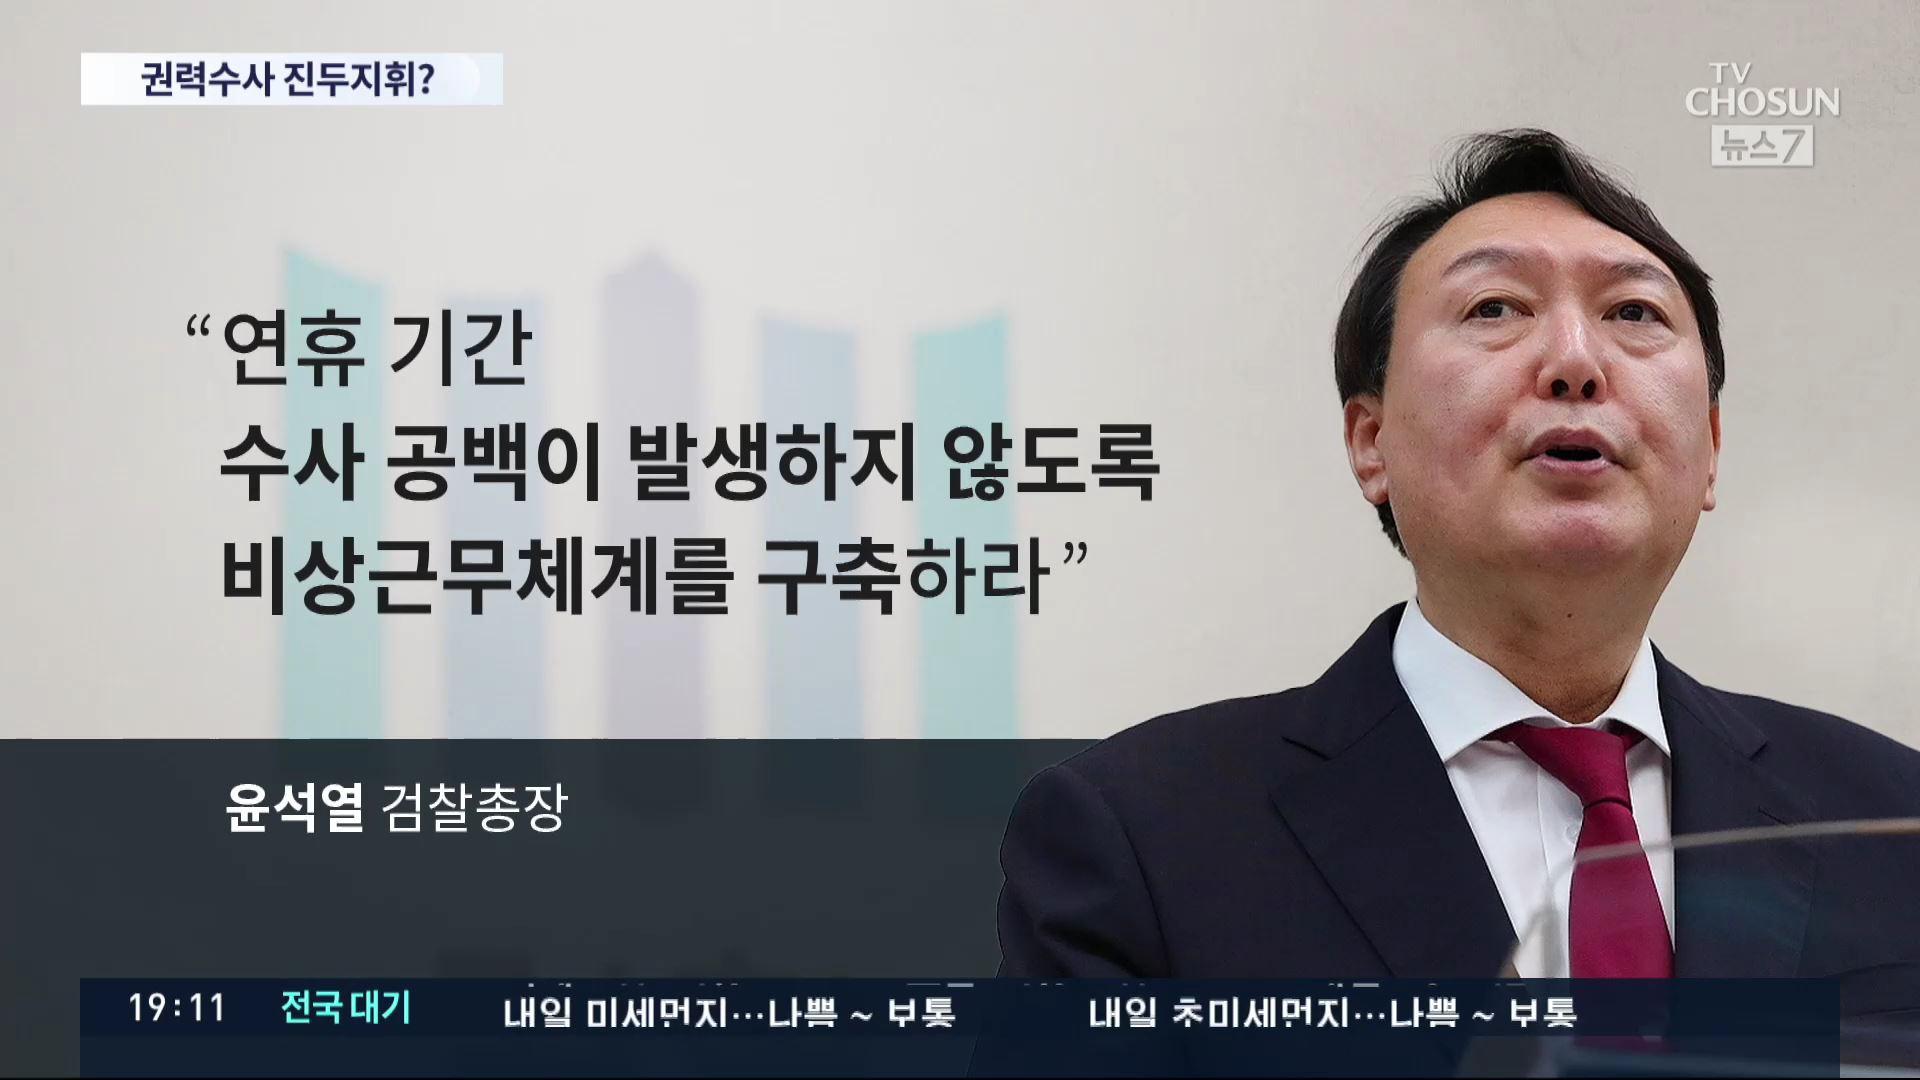 尹, 이틀째 휴일 출근해 원전수사 보고받아…대검 '추가조치 지시'